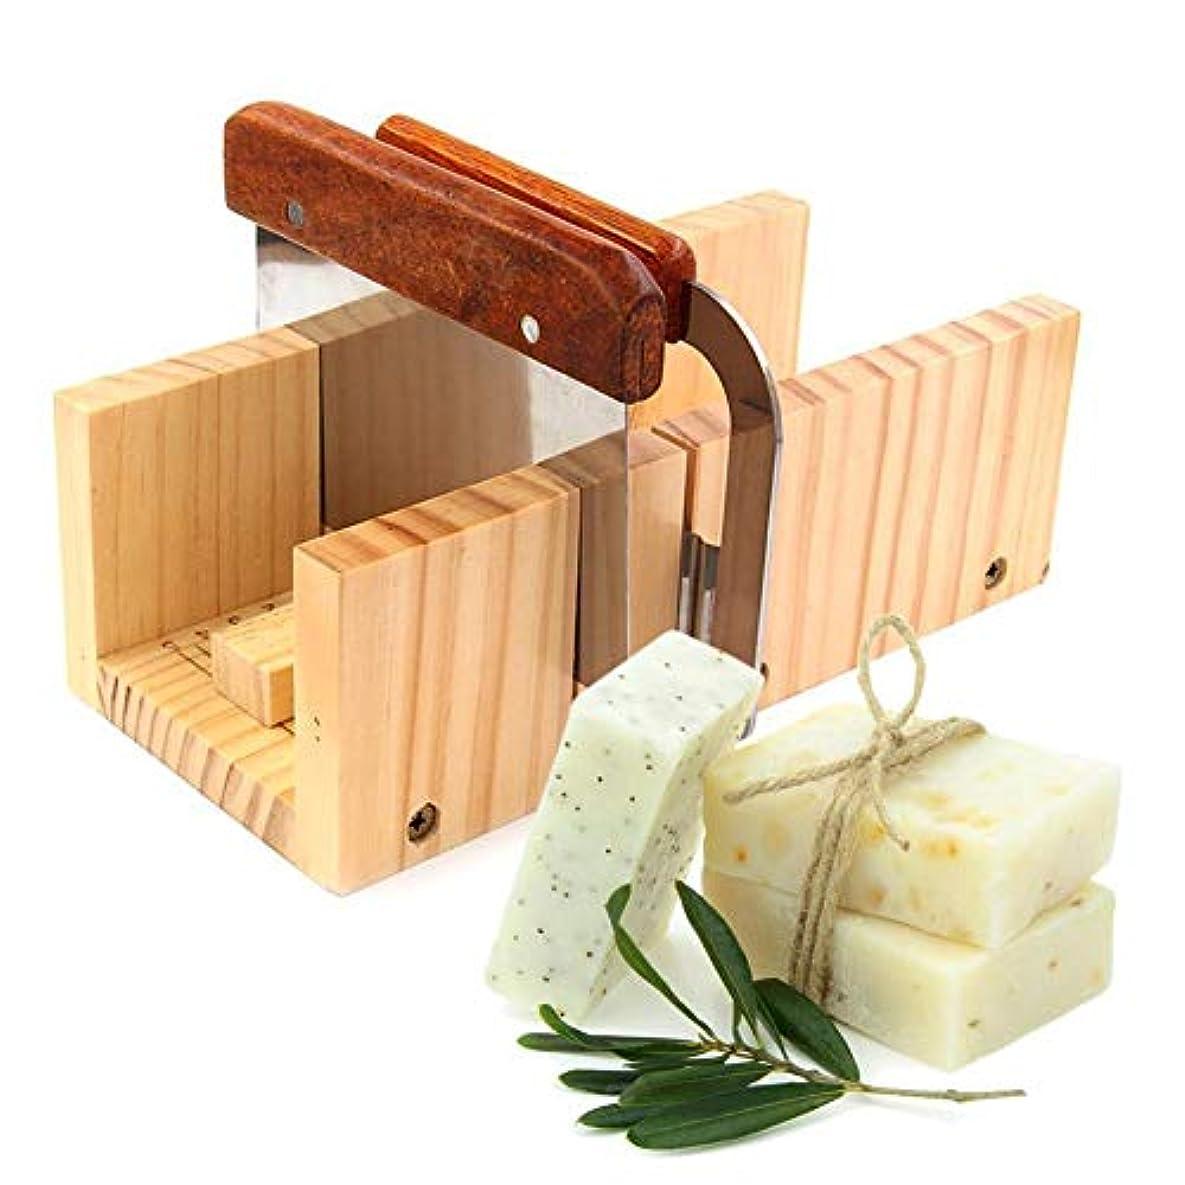 図書館ではごきげんよう正しいRagem ソープカッター 手作り石鹸金型 木製 ローフカッターボックス 調整可能 多機能ソープ切削工具 ストレートプレーニングツール